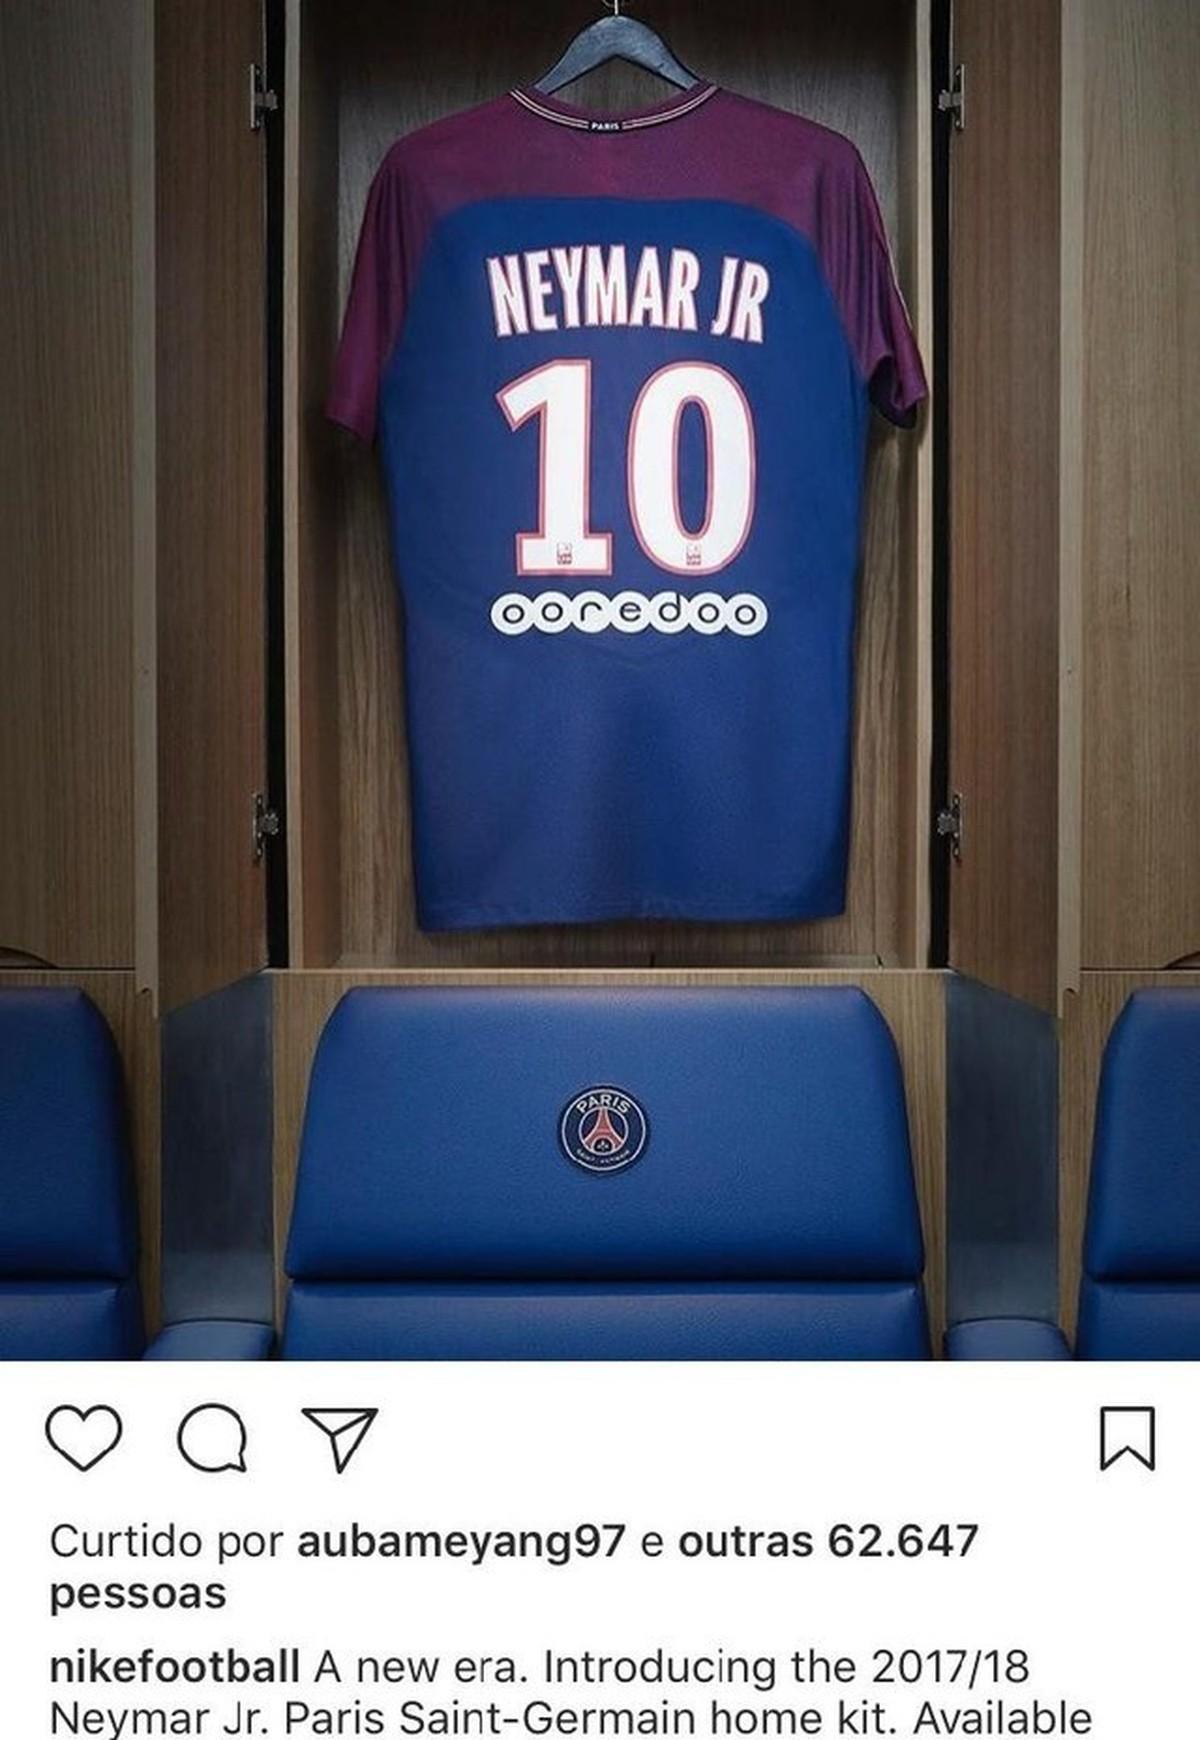 PSG começa a vender camisas de Neymar em Paris na sexta-feira ... 6ea059194497c